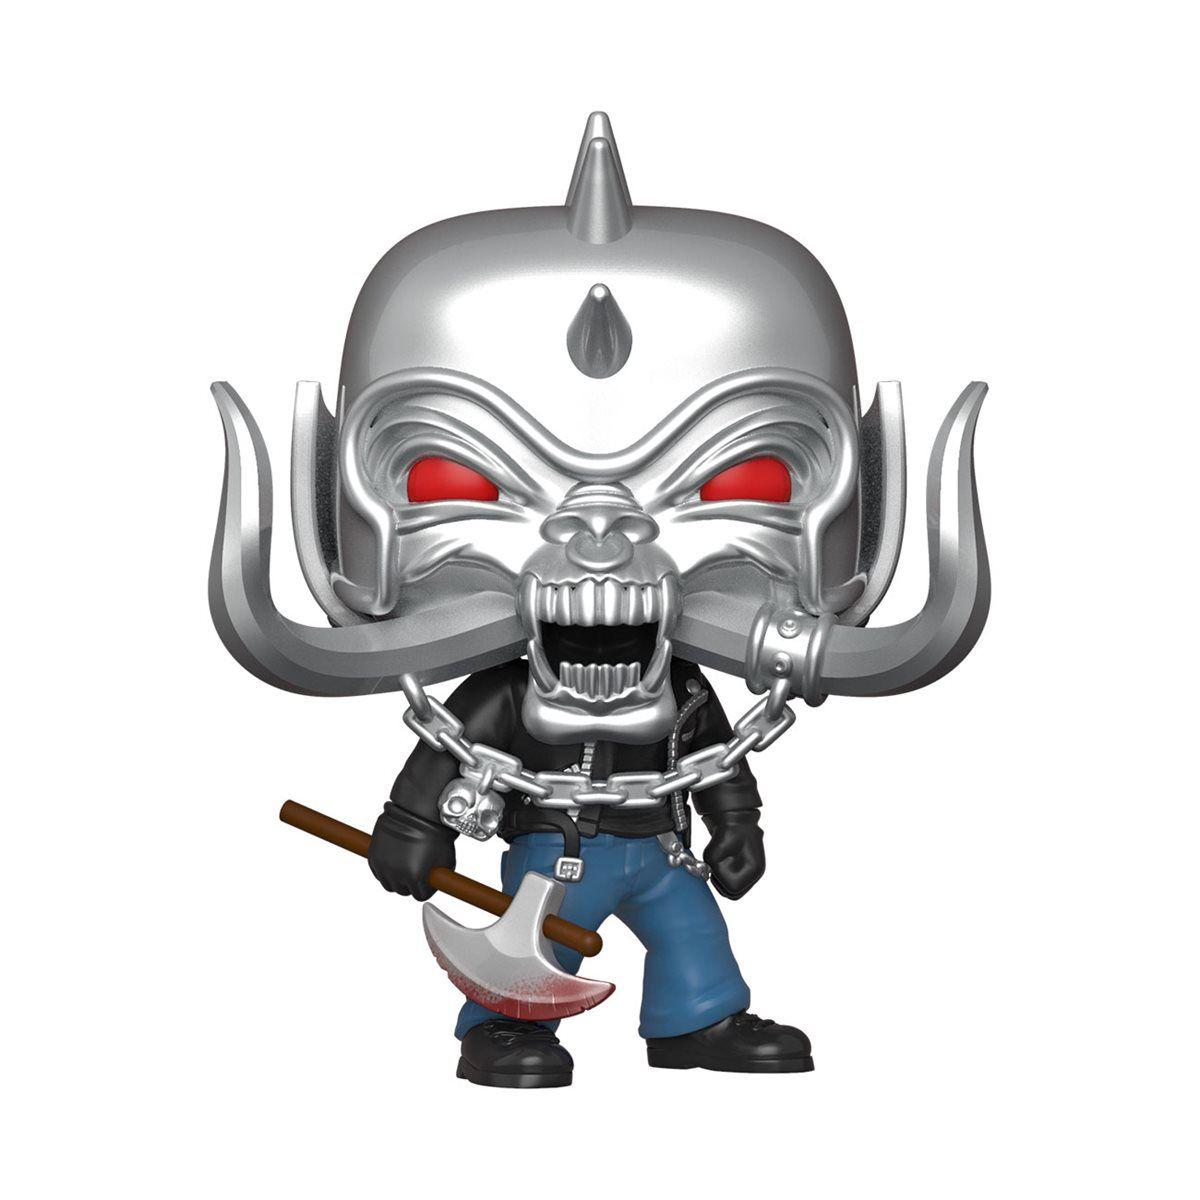 Funko  Pop! Warpig: Motorhead #163 - Funko